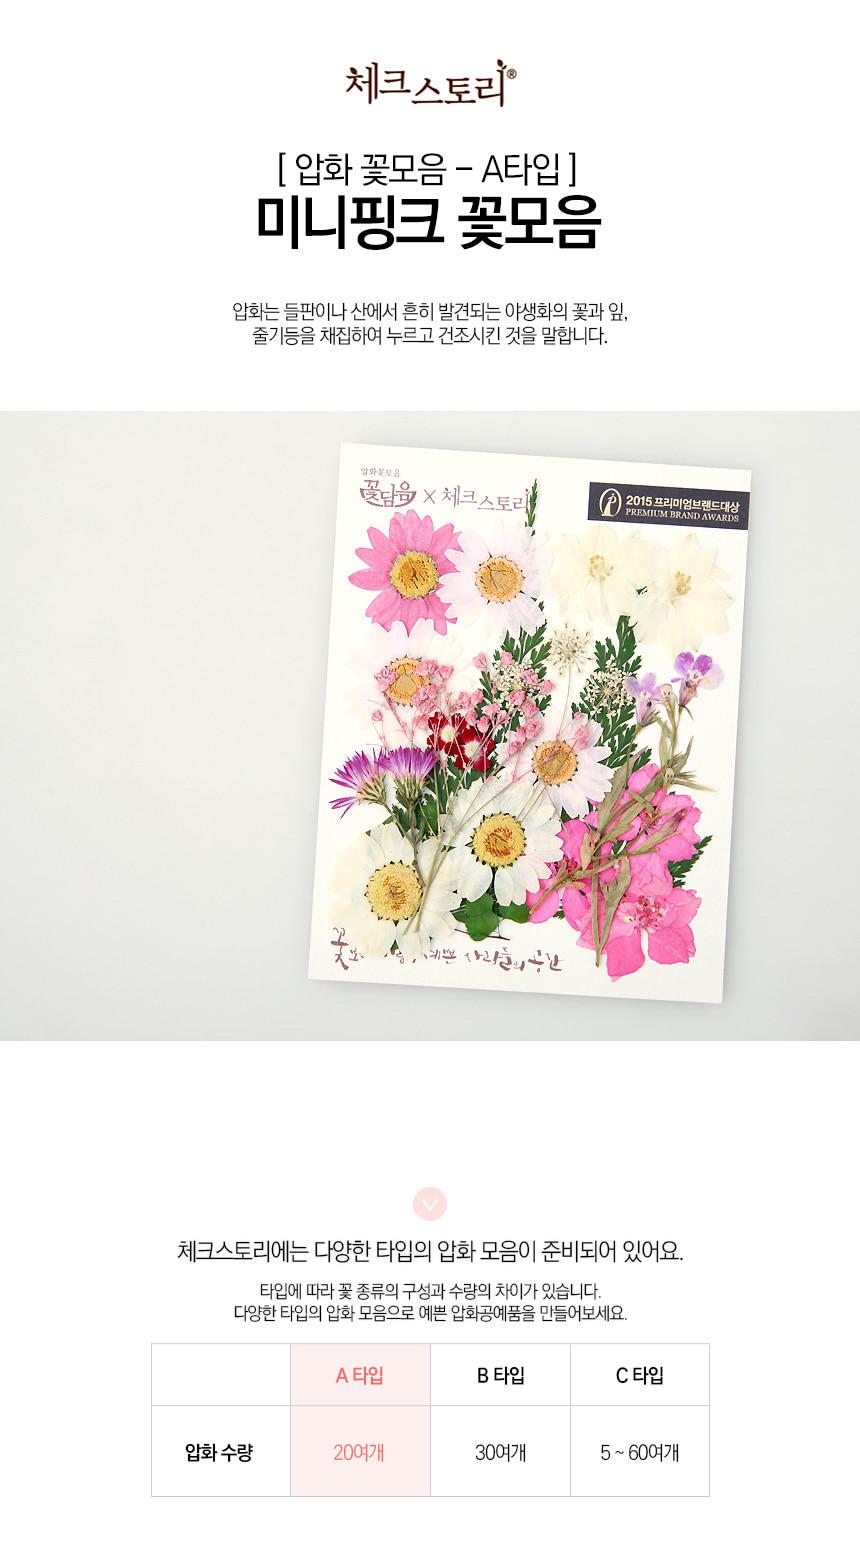 압화 꽃모음 A타입 - 미니핑크 꽃모음 - 체크스토리 플라레터, 5,900원, 압화 공예, 압화 공예 재료